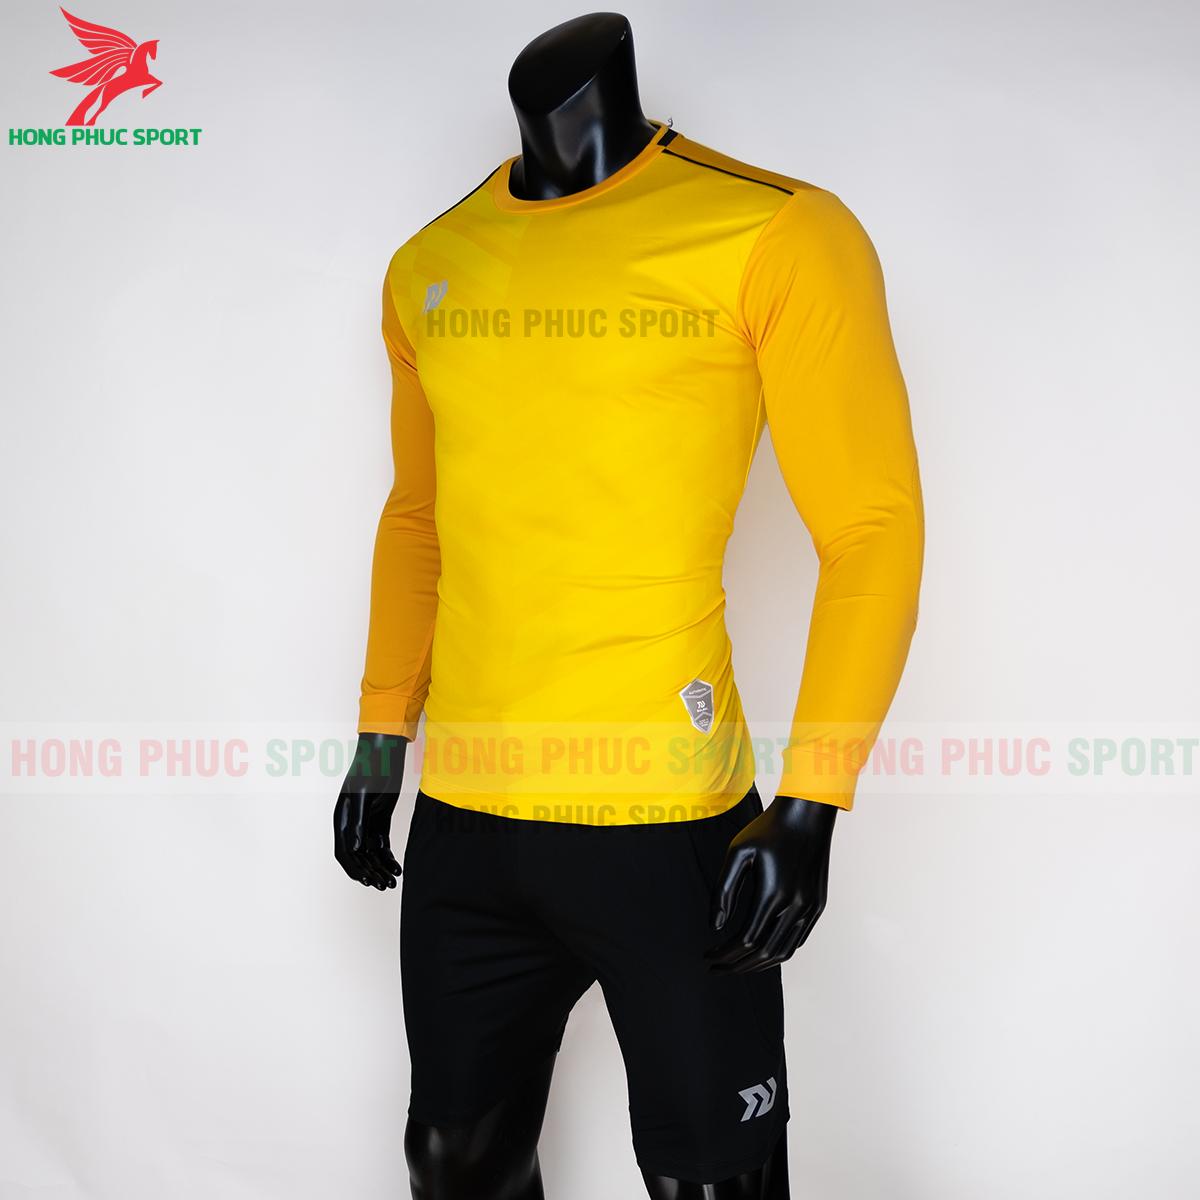 https://cdn.hongphucsport.com/unsafe/s4.shopbay.vn/files/285/ao-thu-mon-bulbal-2020-vang-3-5f72b03c8c853.png